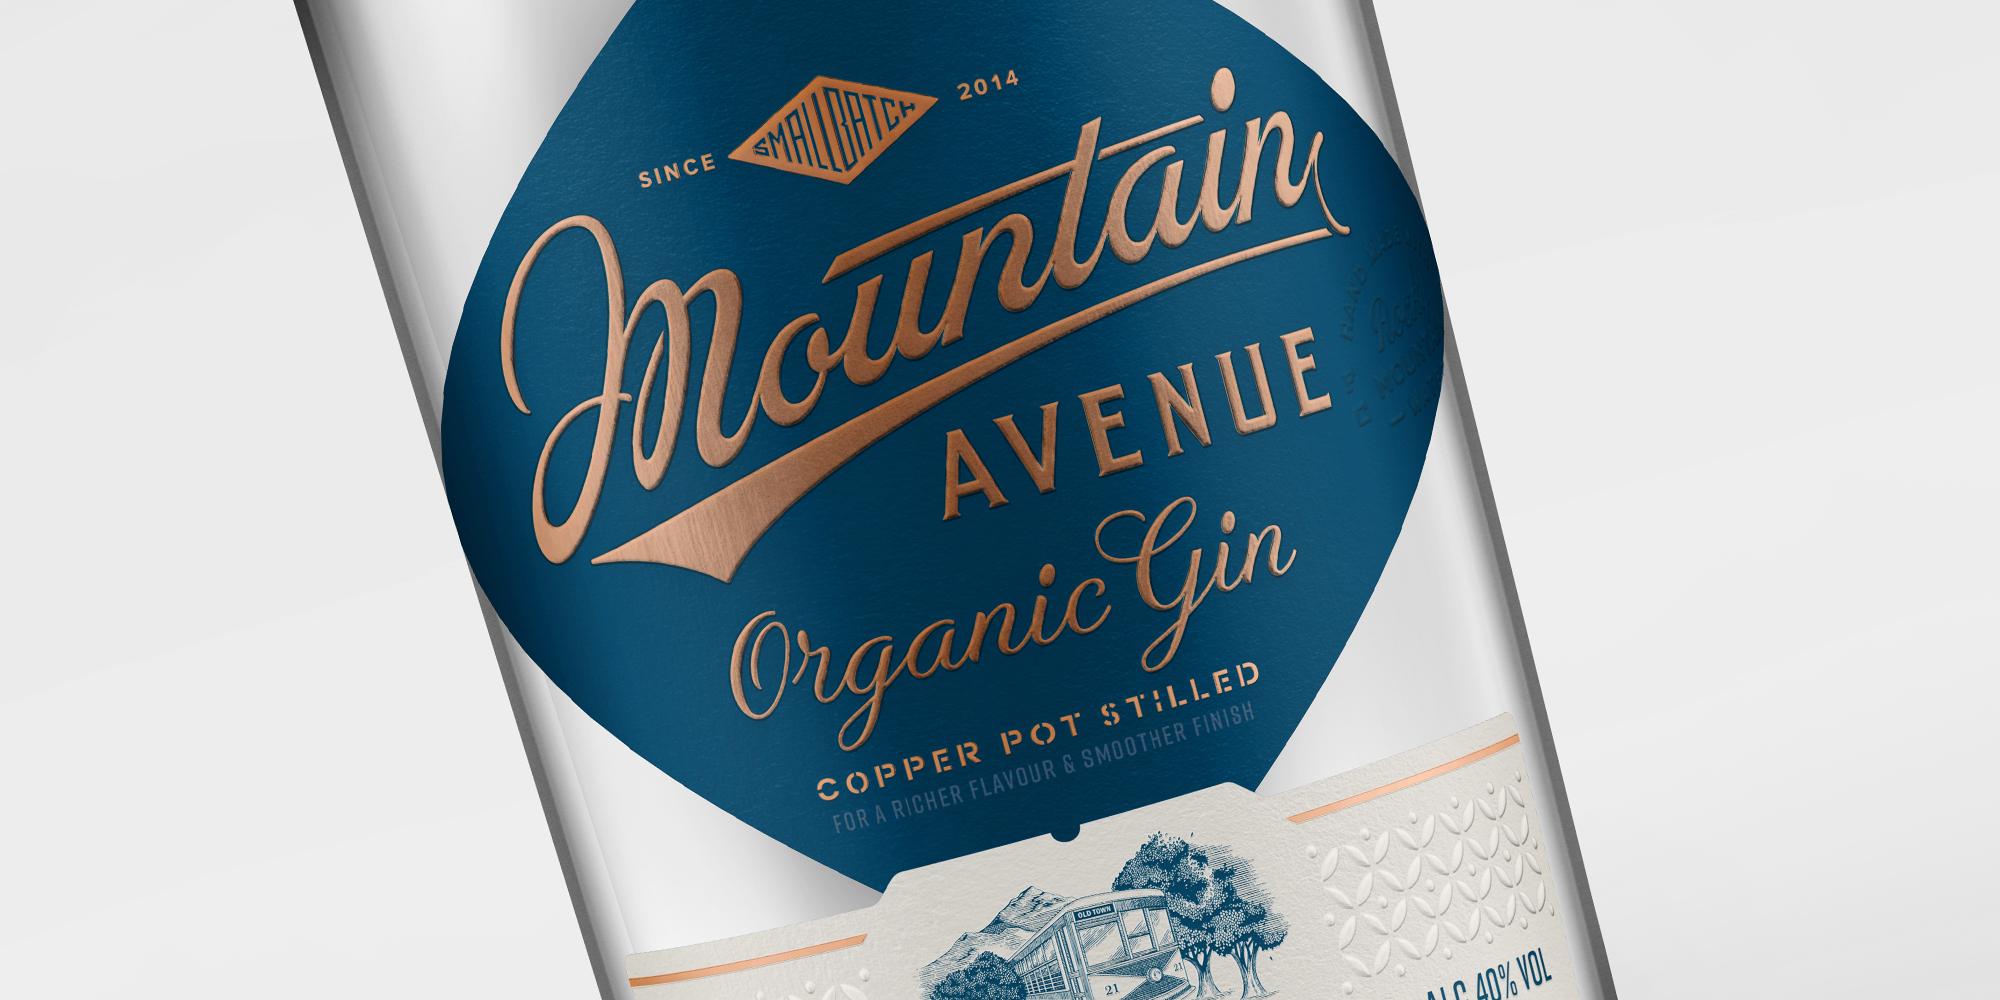 Organic Gin Mountain Avenue